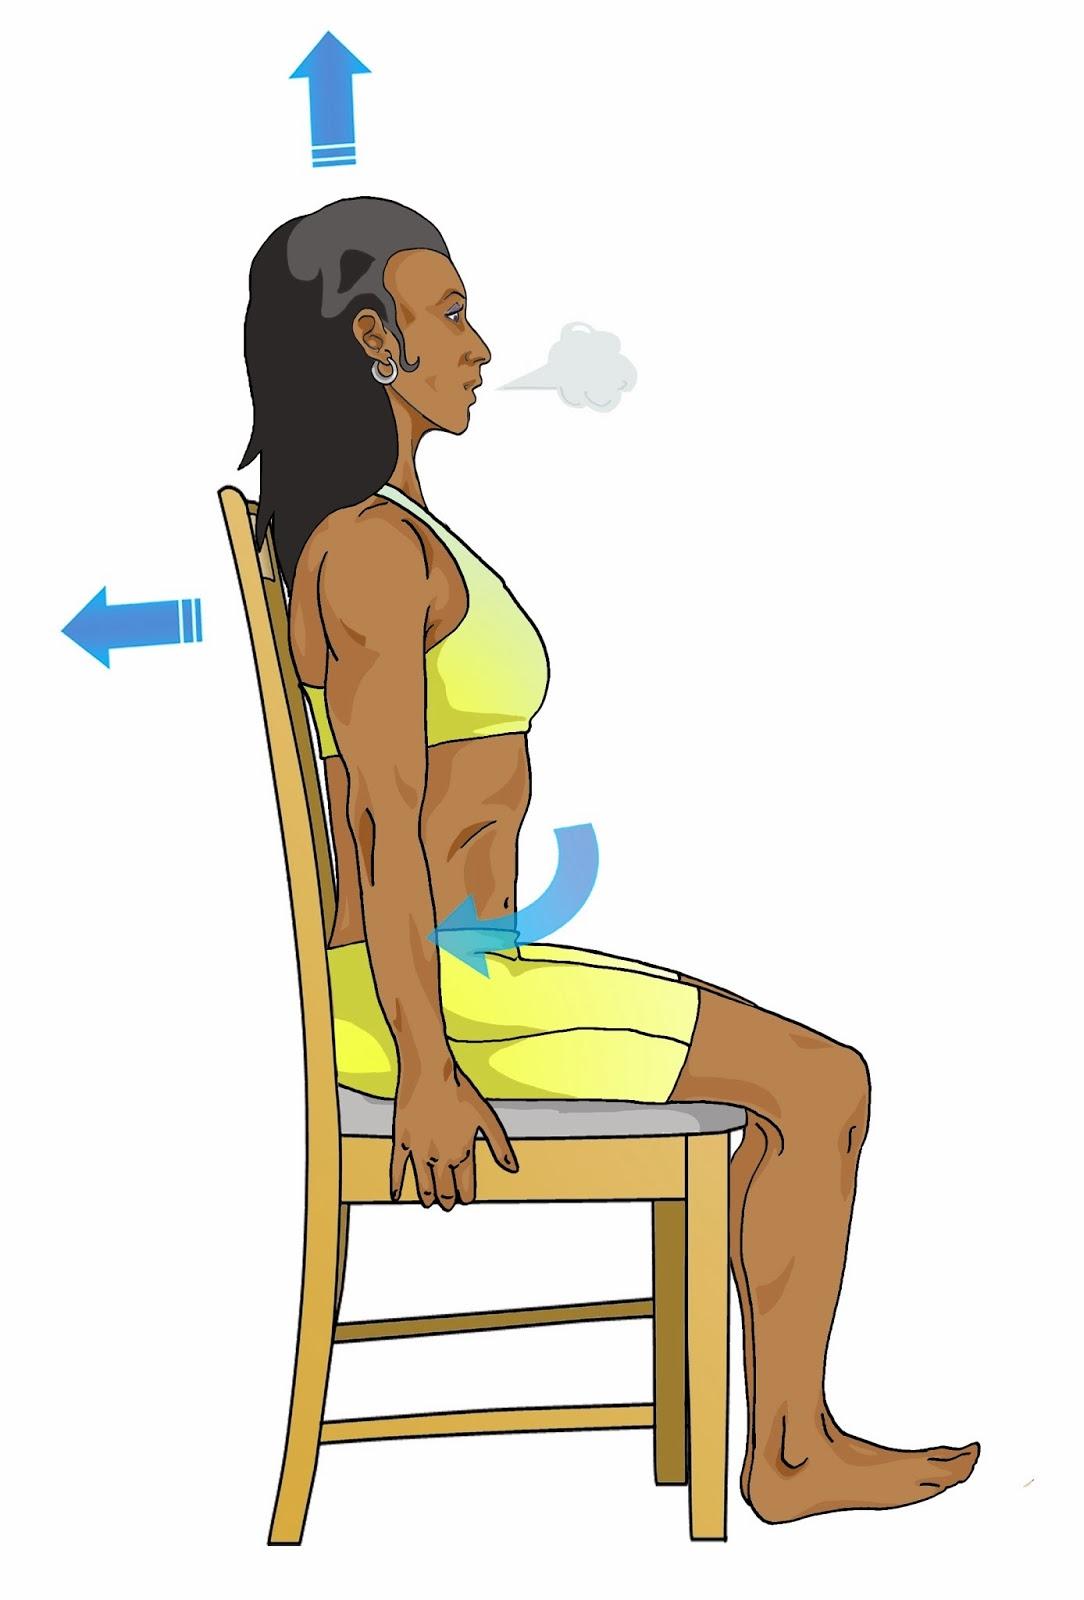 38 semaines de la grossesse fait mal les reins et entre les pieds